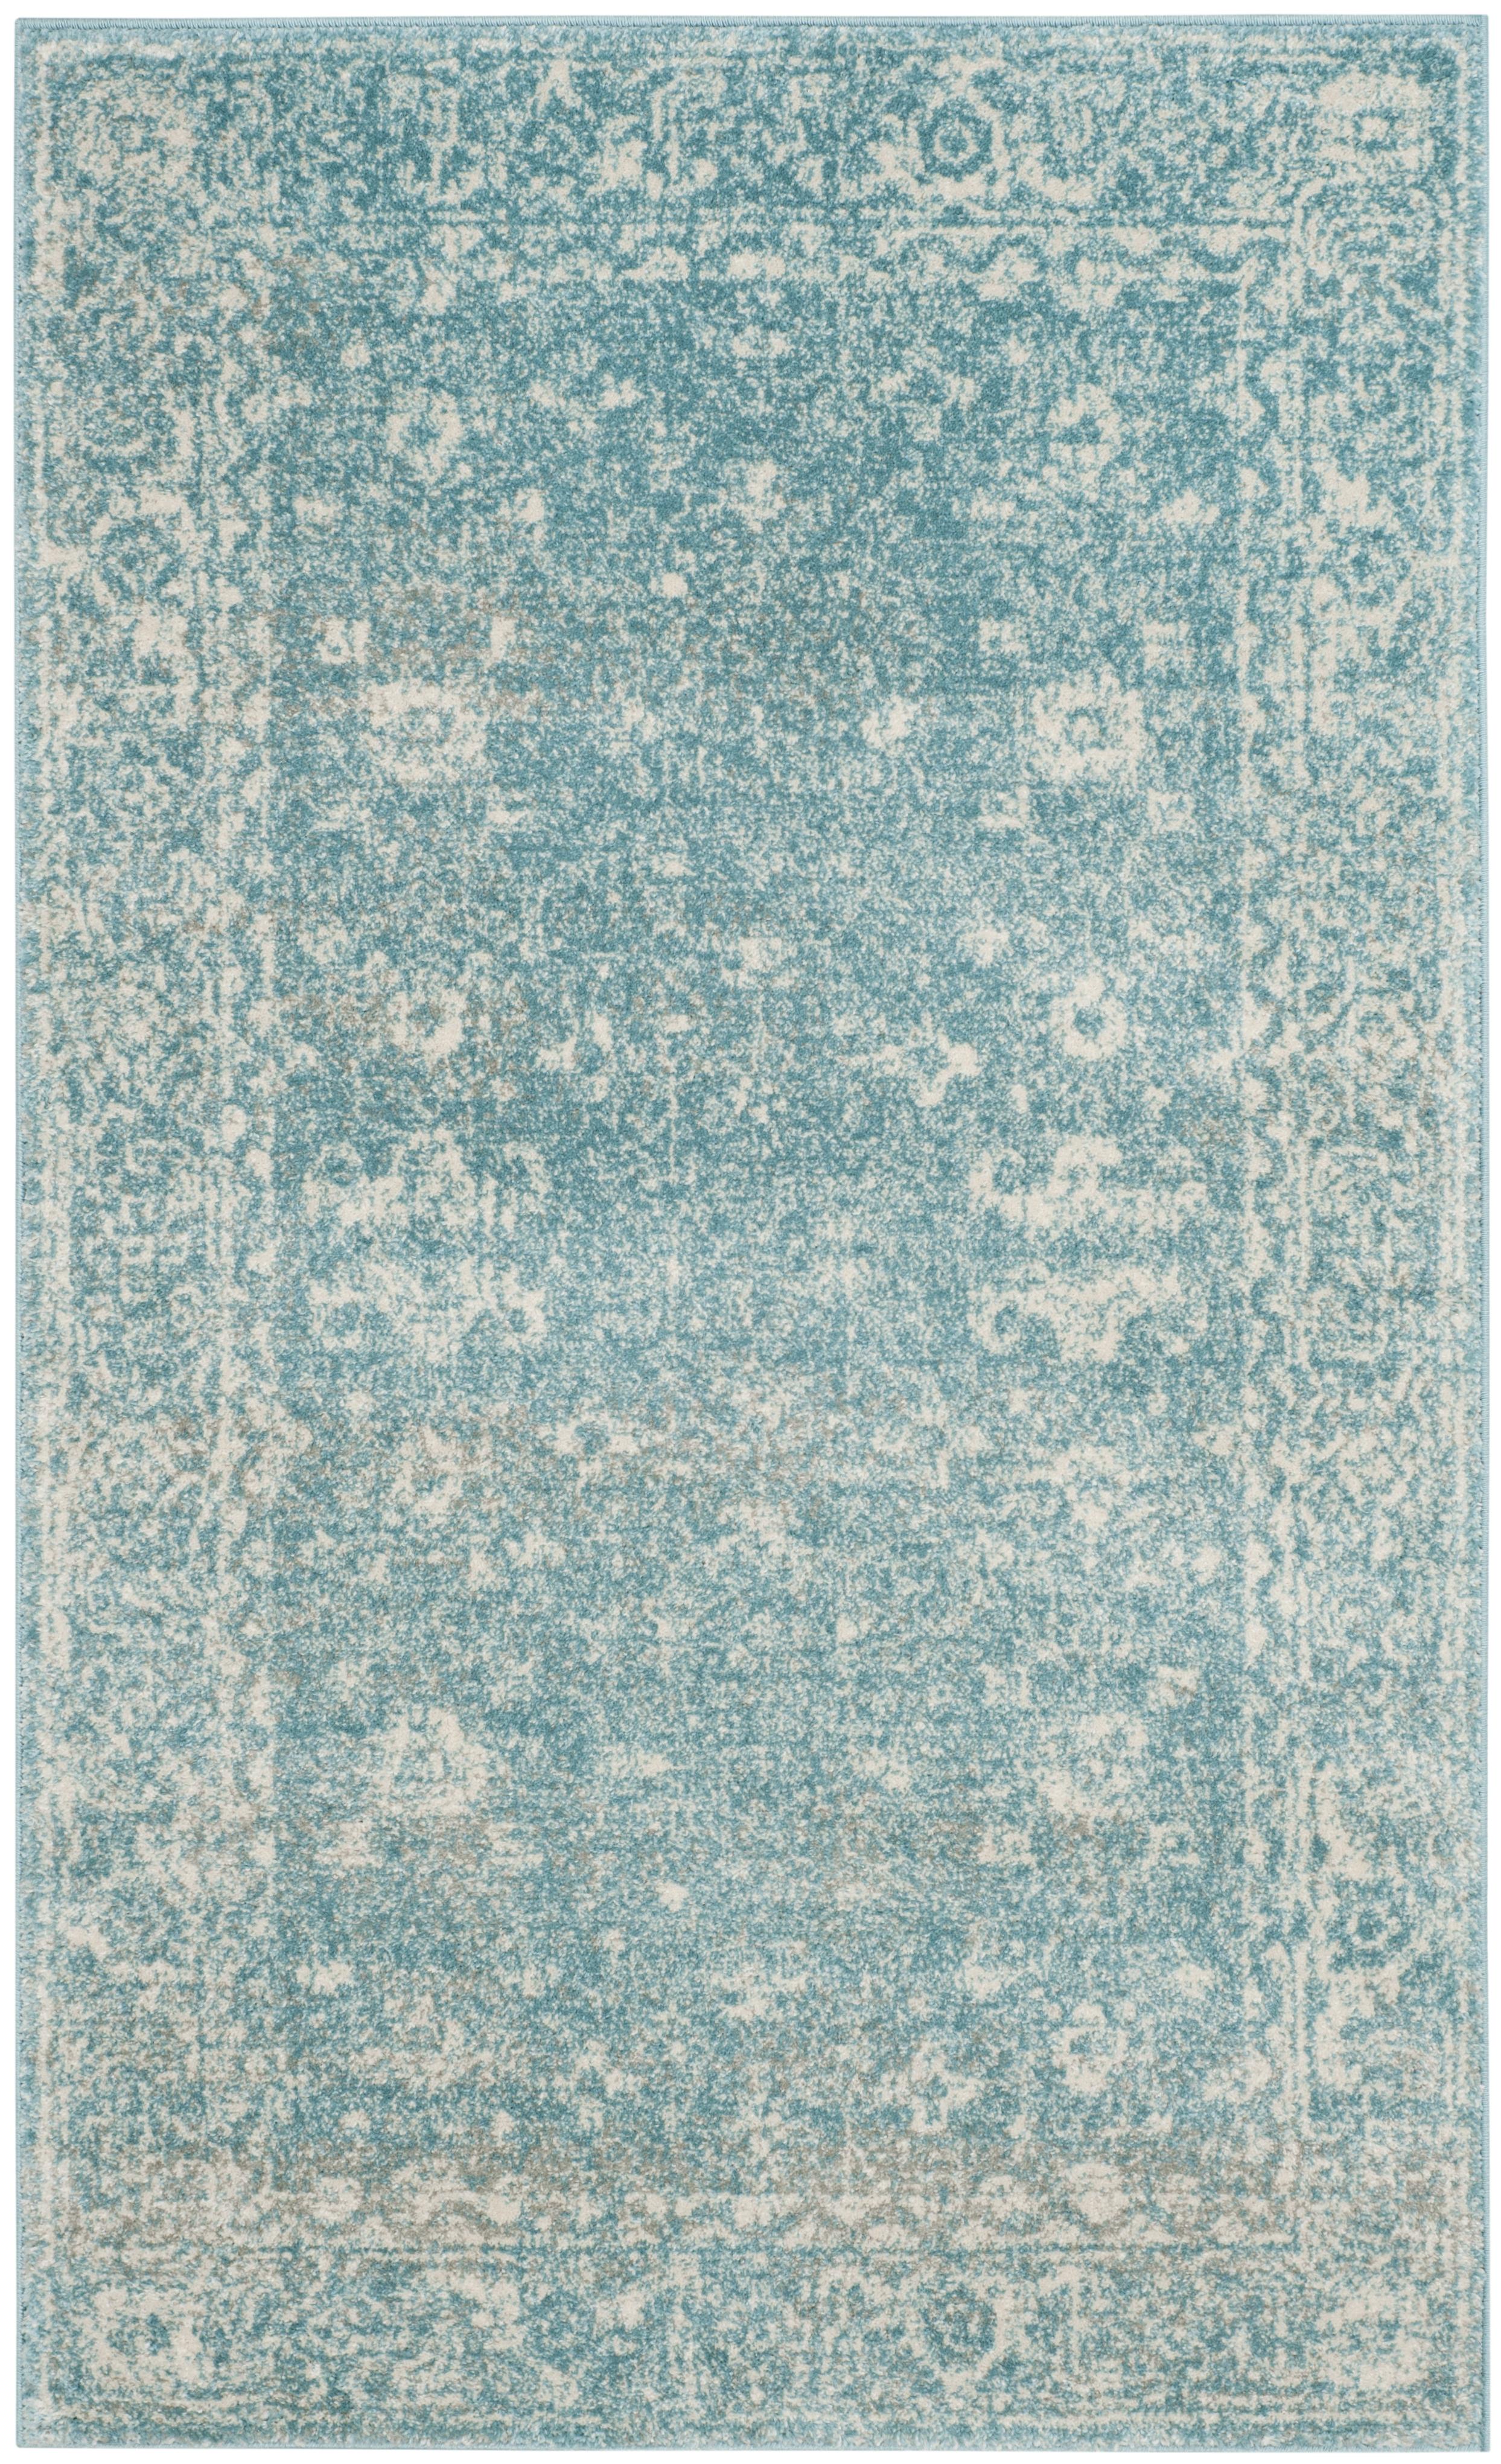 Tapis de salon d'inspiration vintage bleu clair et ivoire 90x150